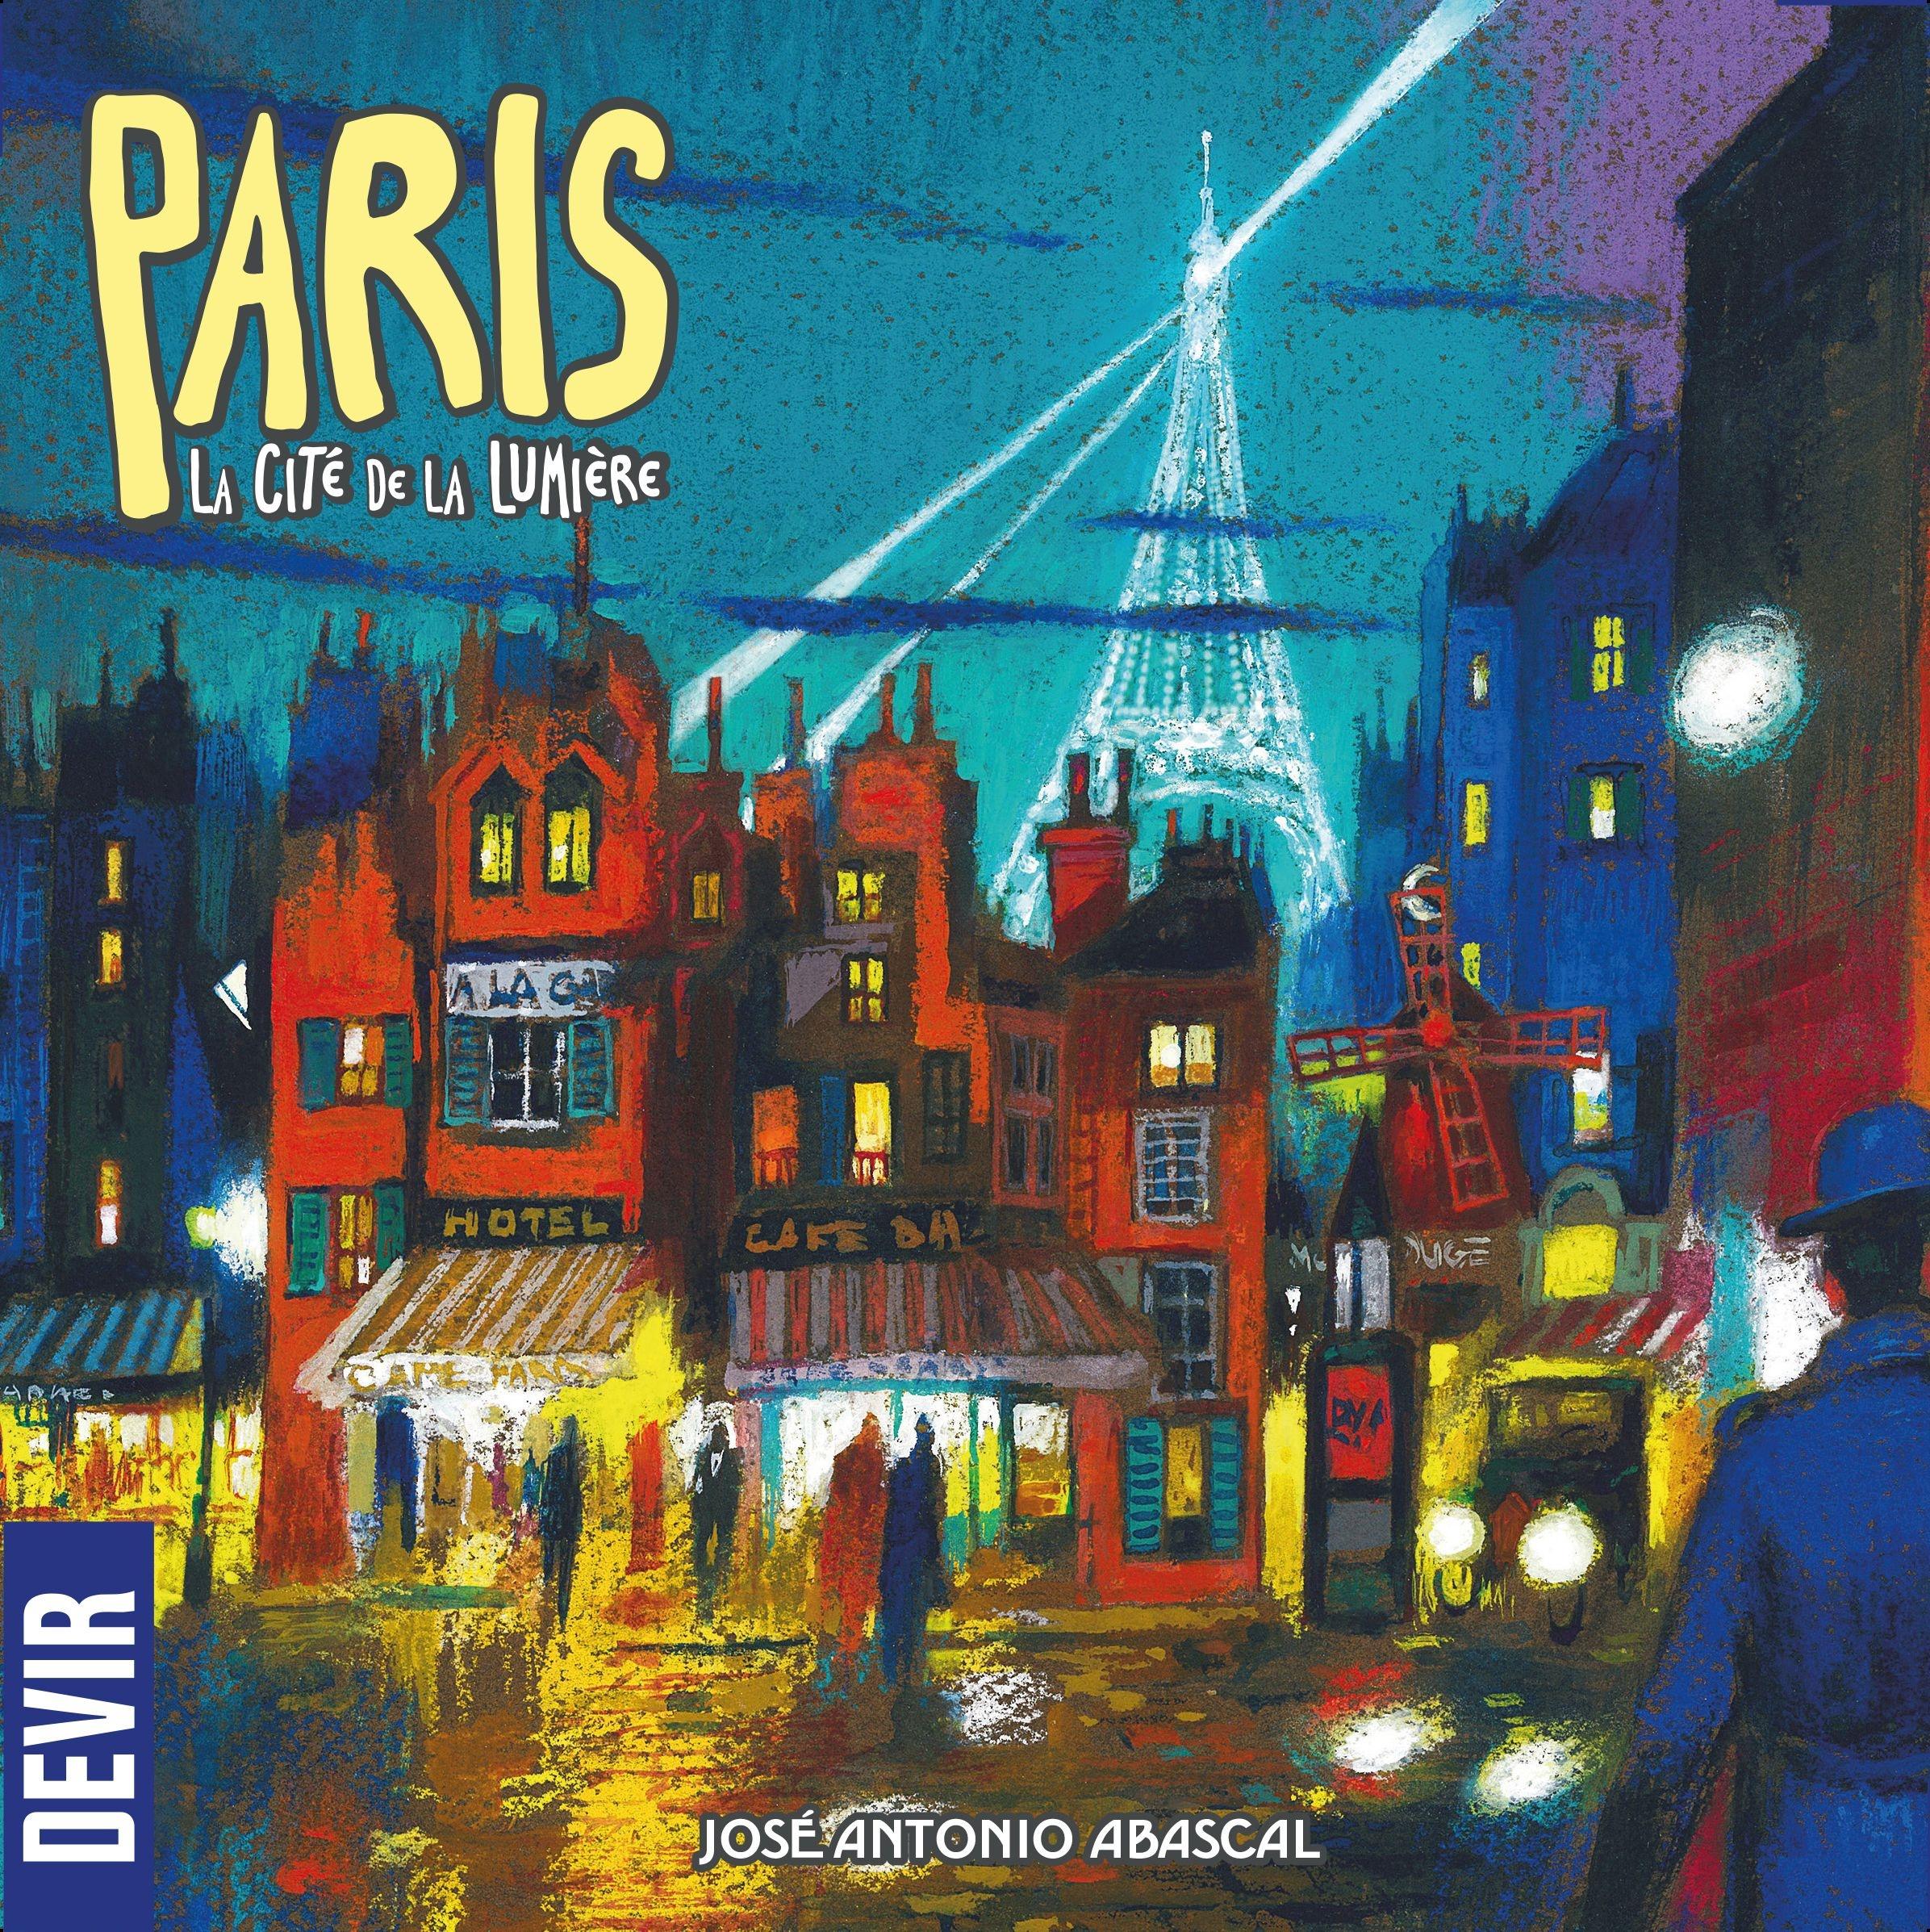 Comprar Paris: La Cité de la Lumière al mejor precio - Comparador de  precios de juegos - Muevecubos.com